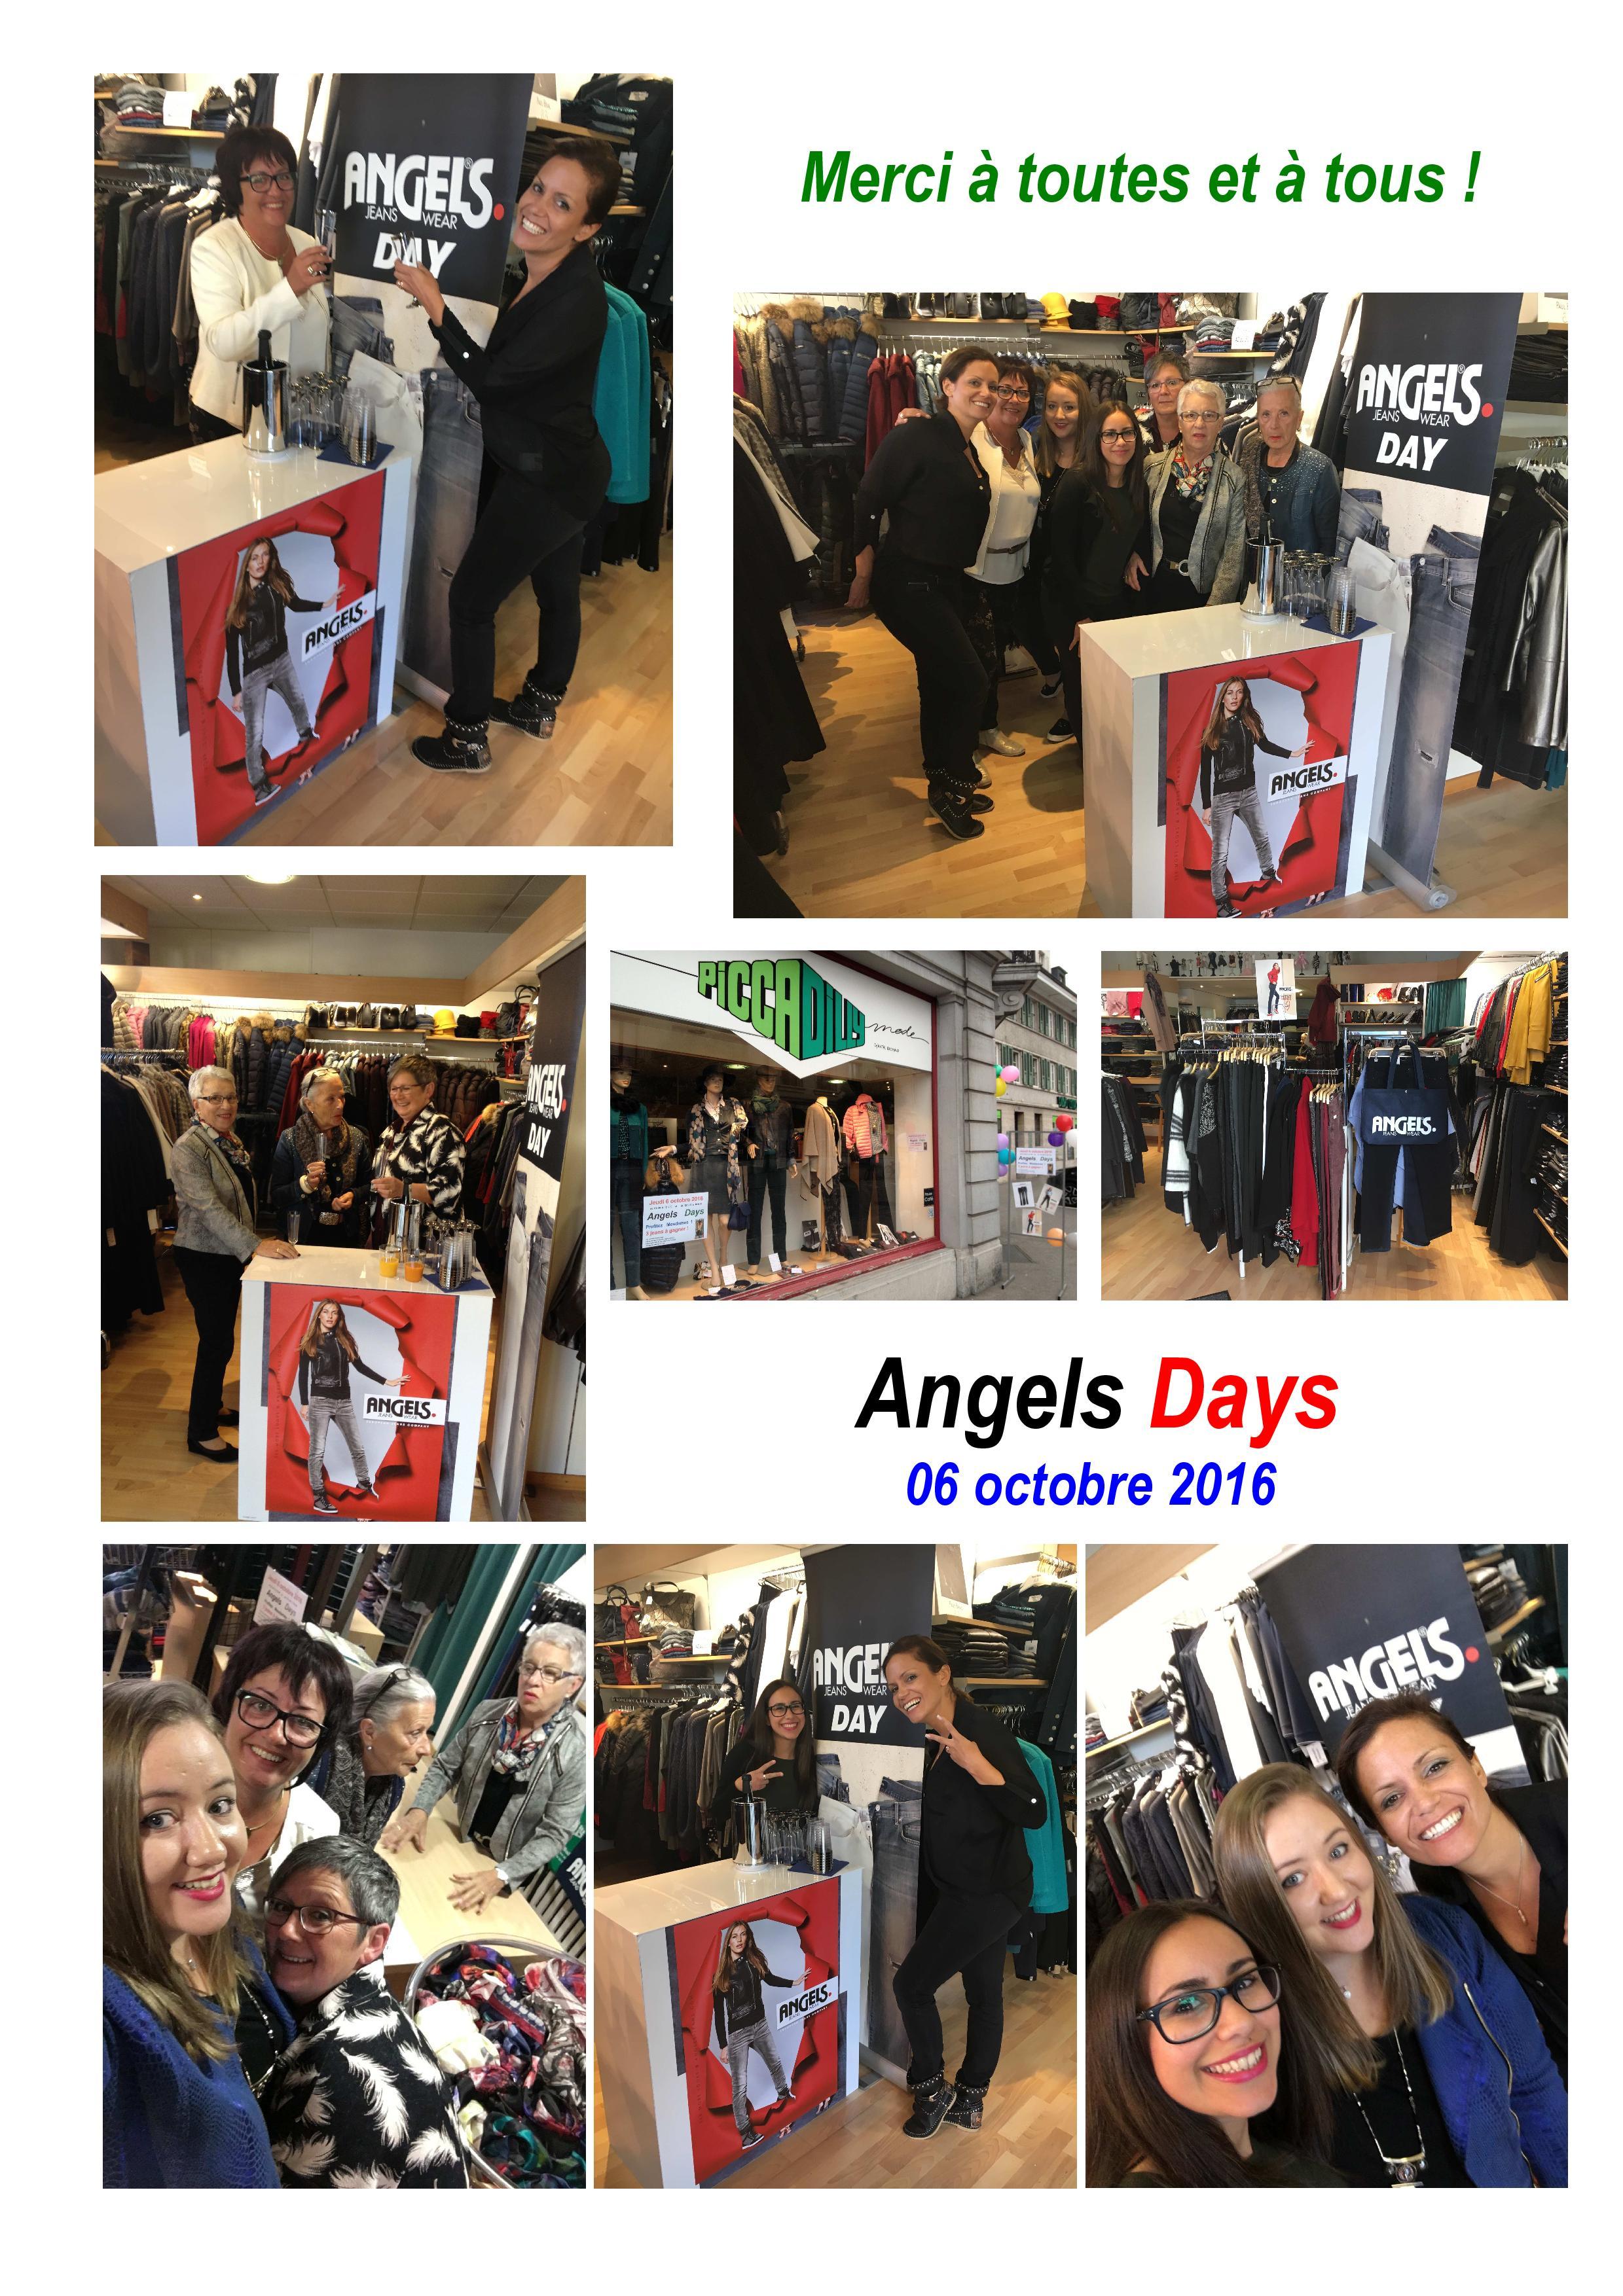 Journée Angels